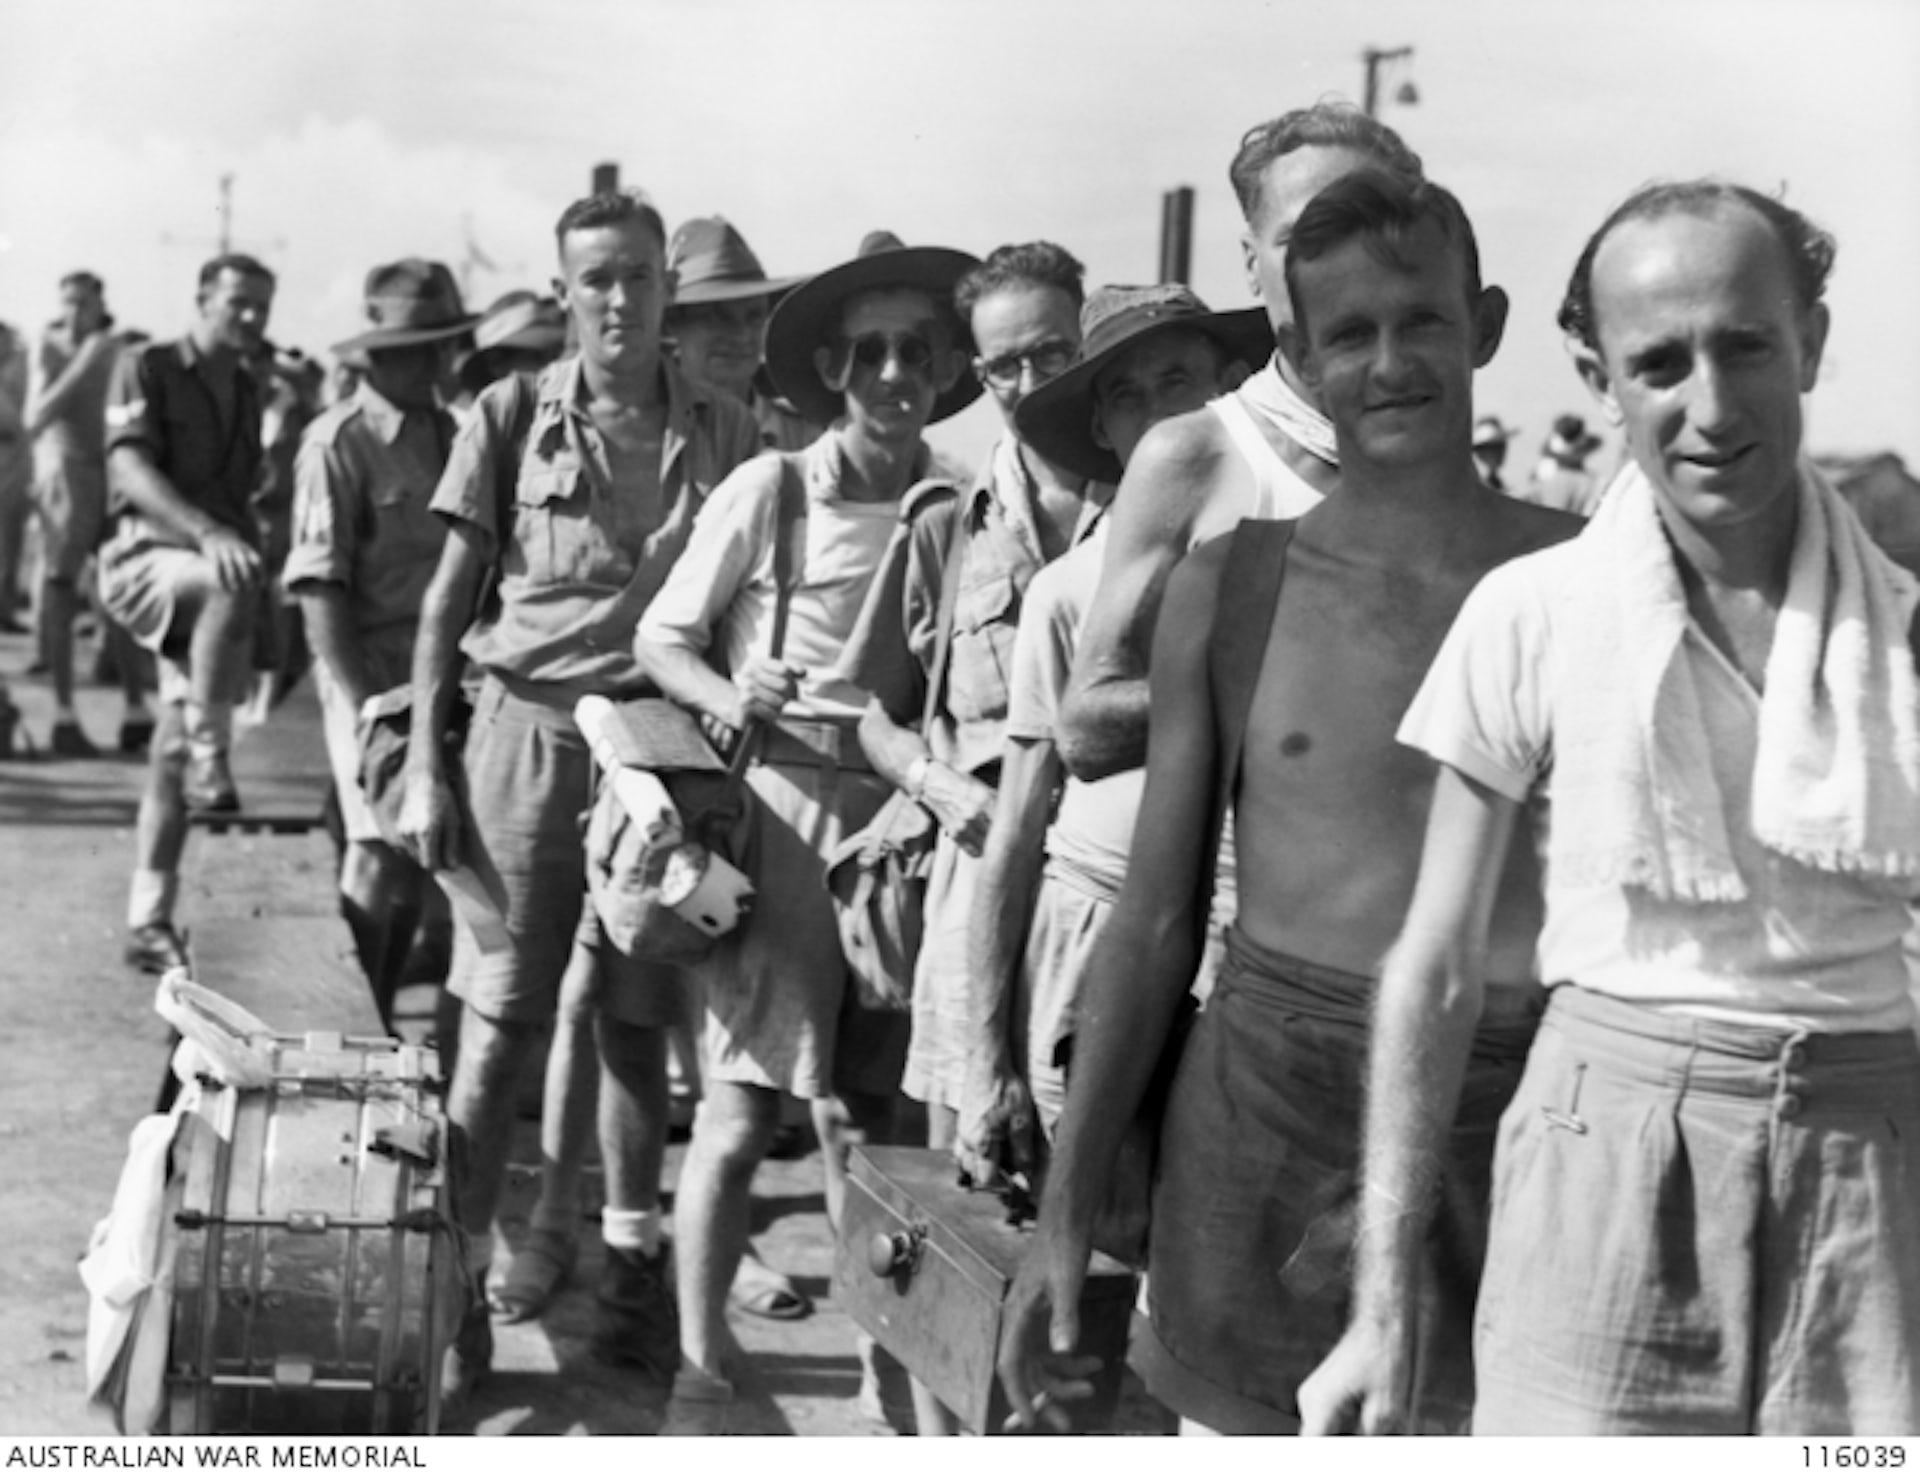 australian prisoners of war ww2